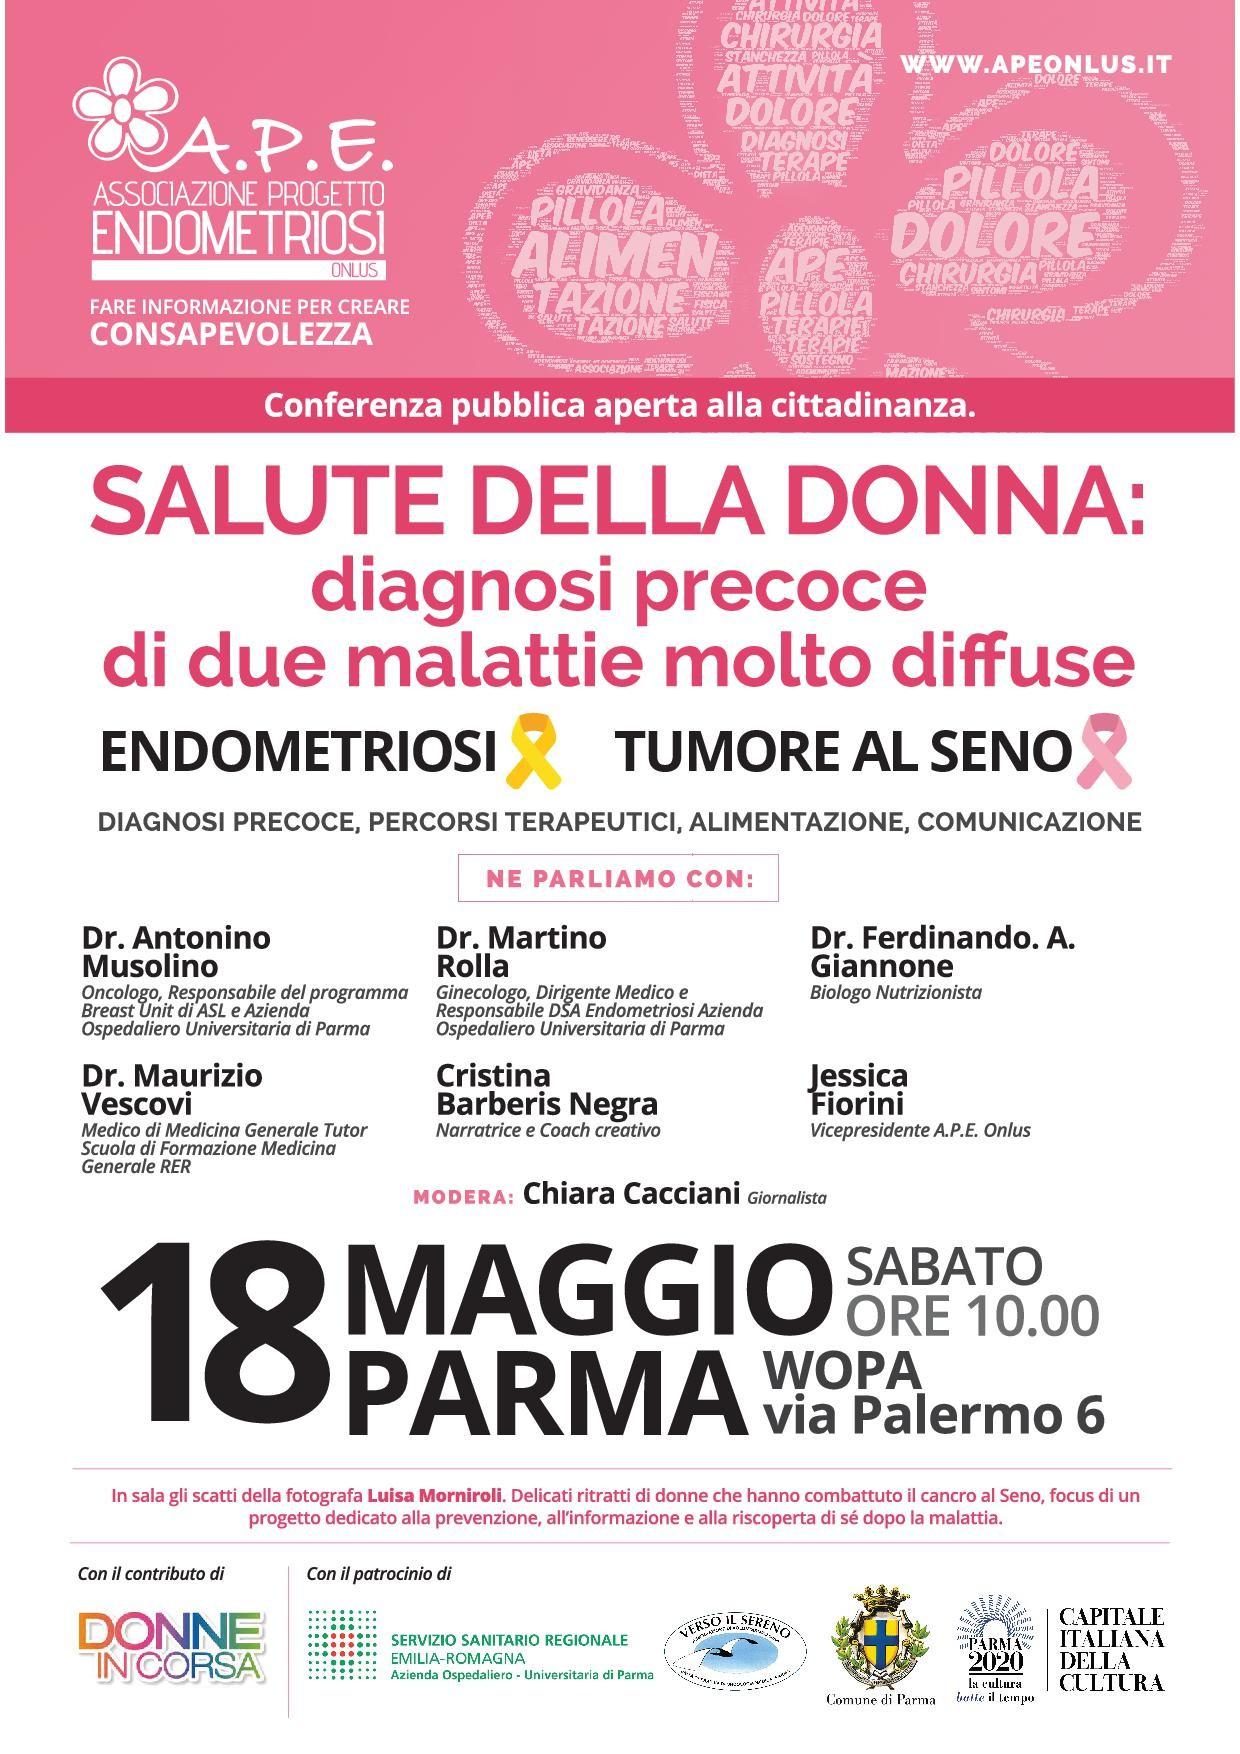 Endometriosi e Tumore al Seno, se ne parla a Parma